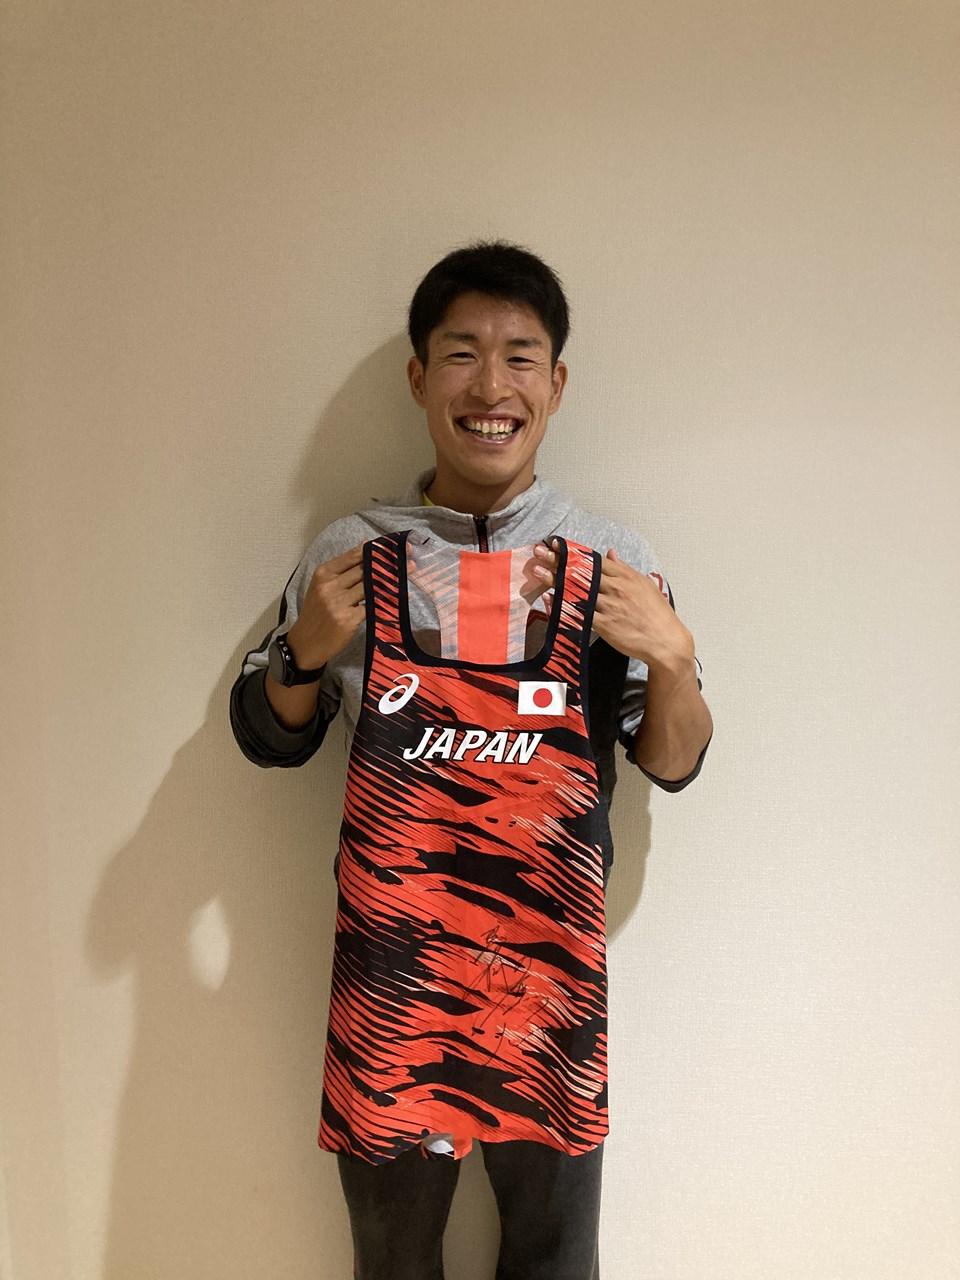 【日本陸連公式】勝木 隼人 選手